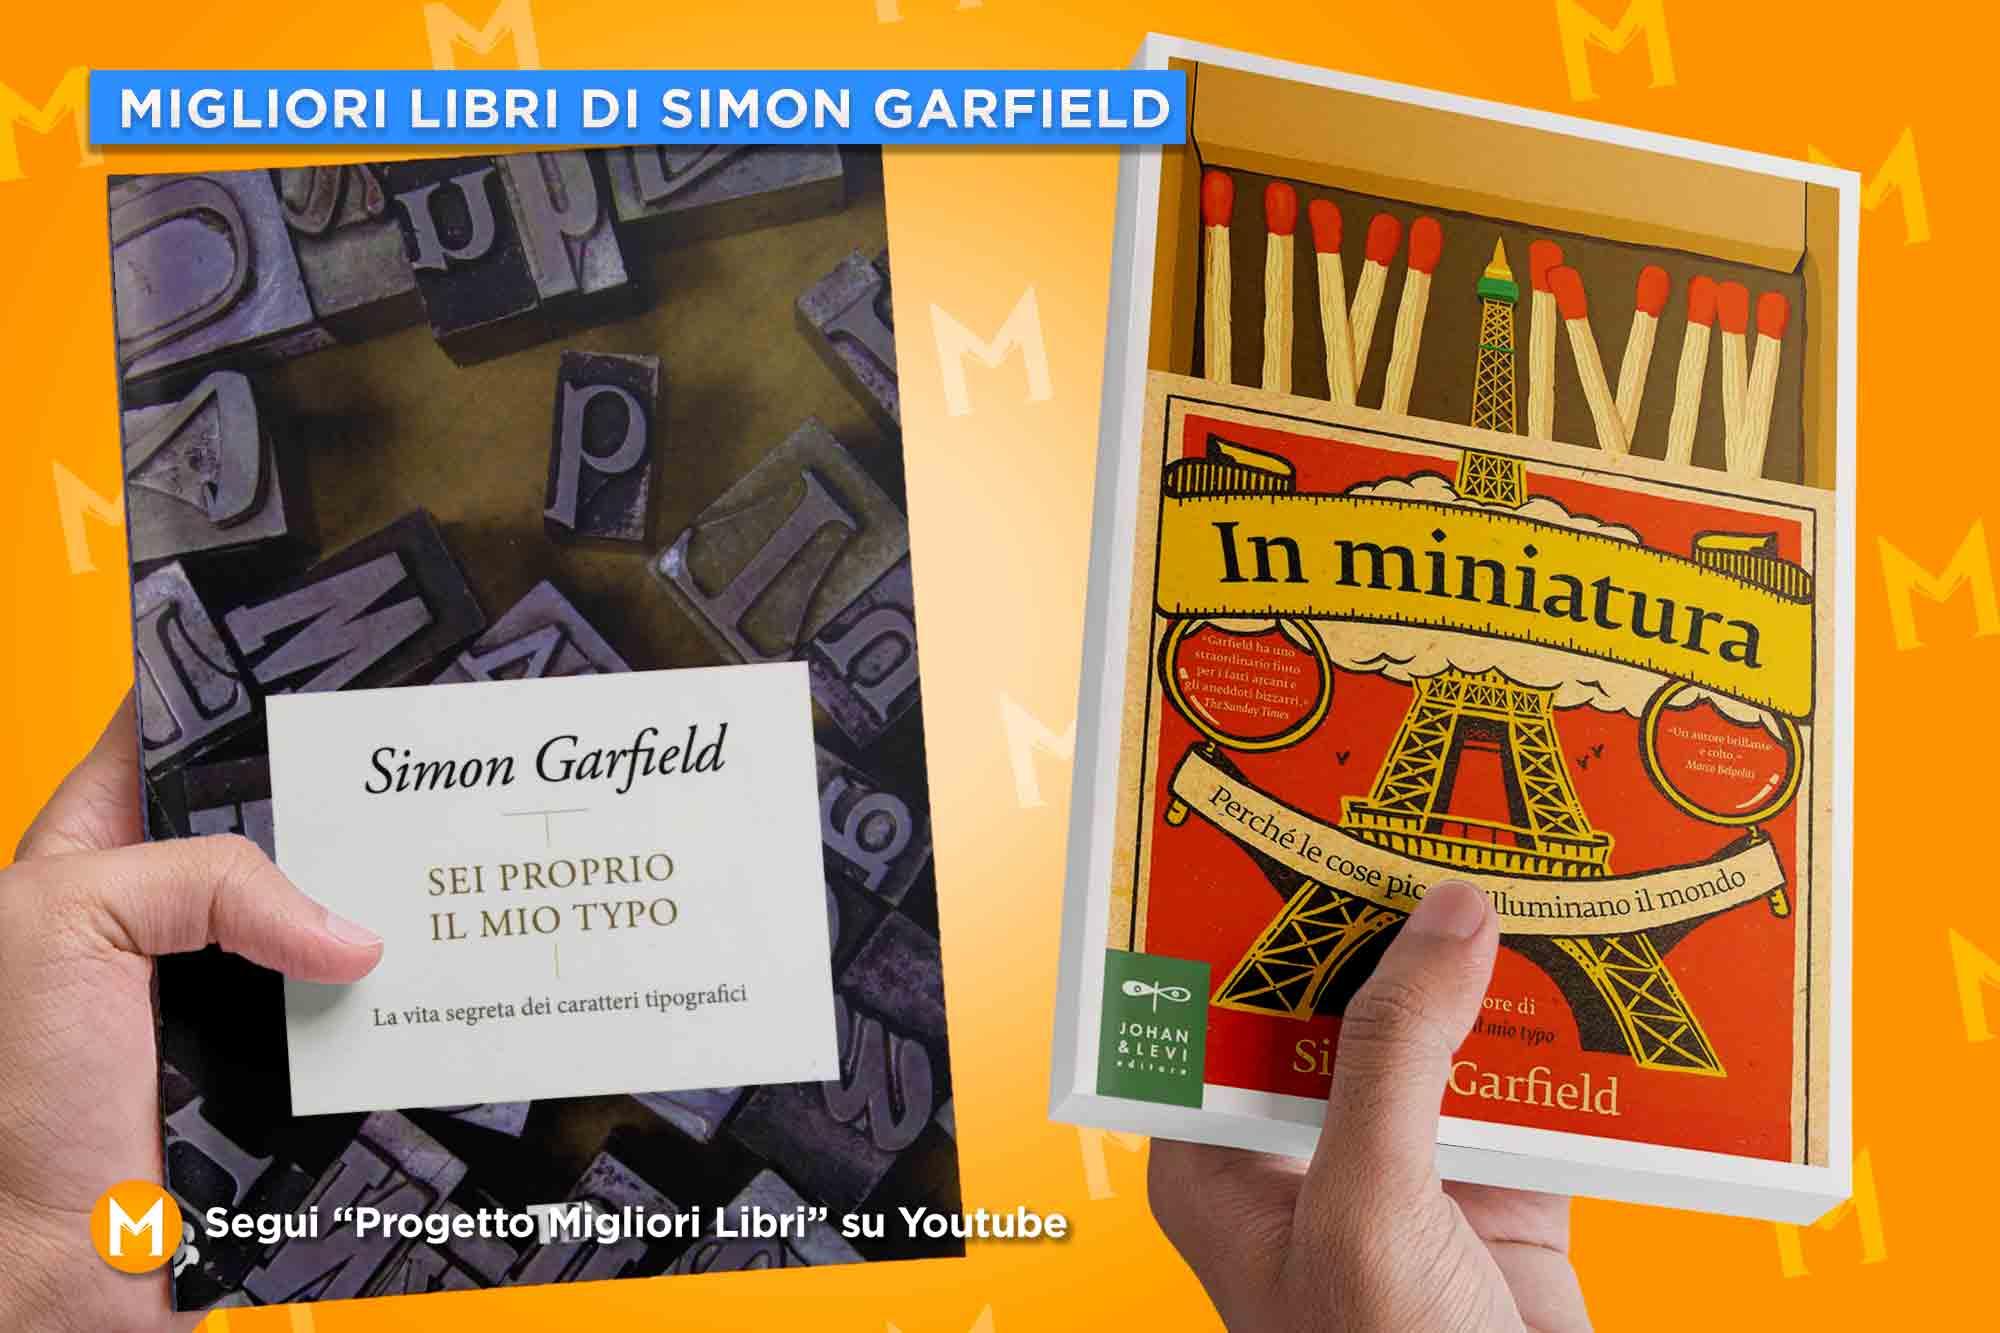 migliori-libri-simon-garfield